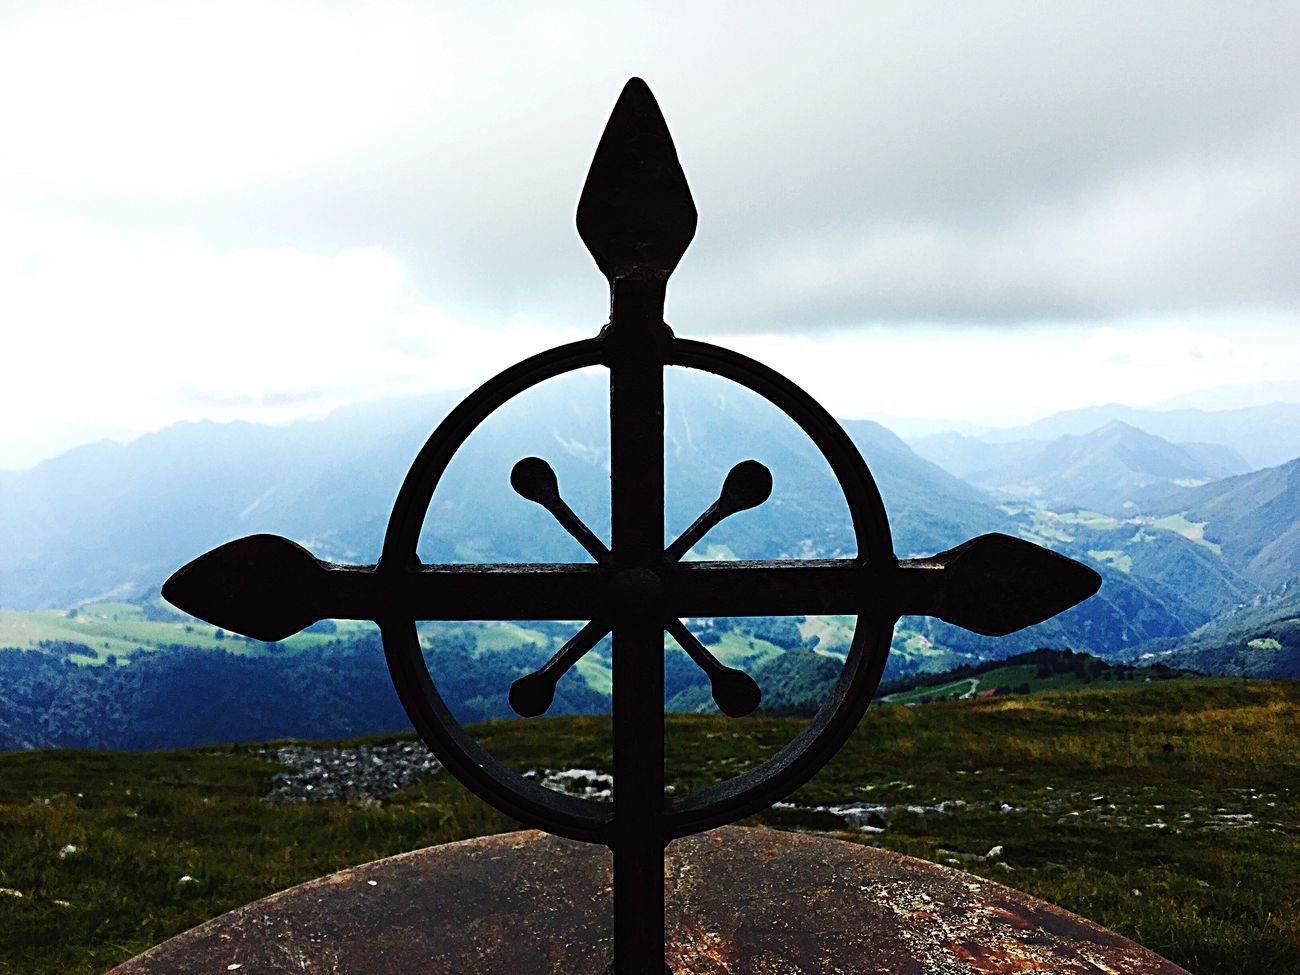 Giudizio Universale Escaping Mountain Orobie Capanna 2000 Nuvole Croce Altare